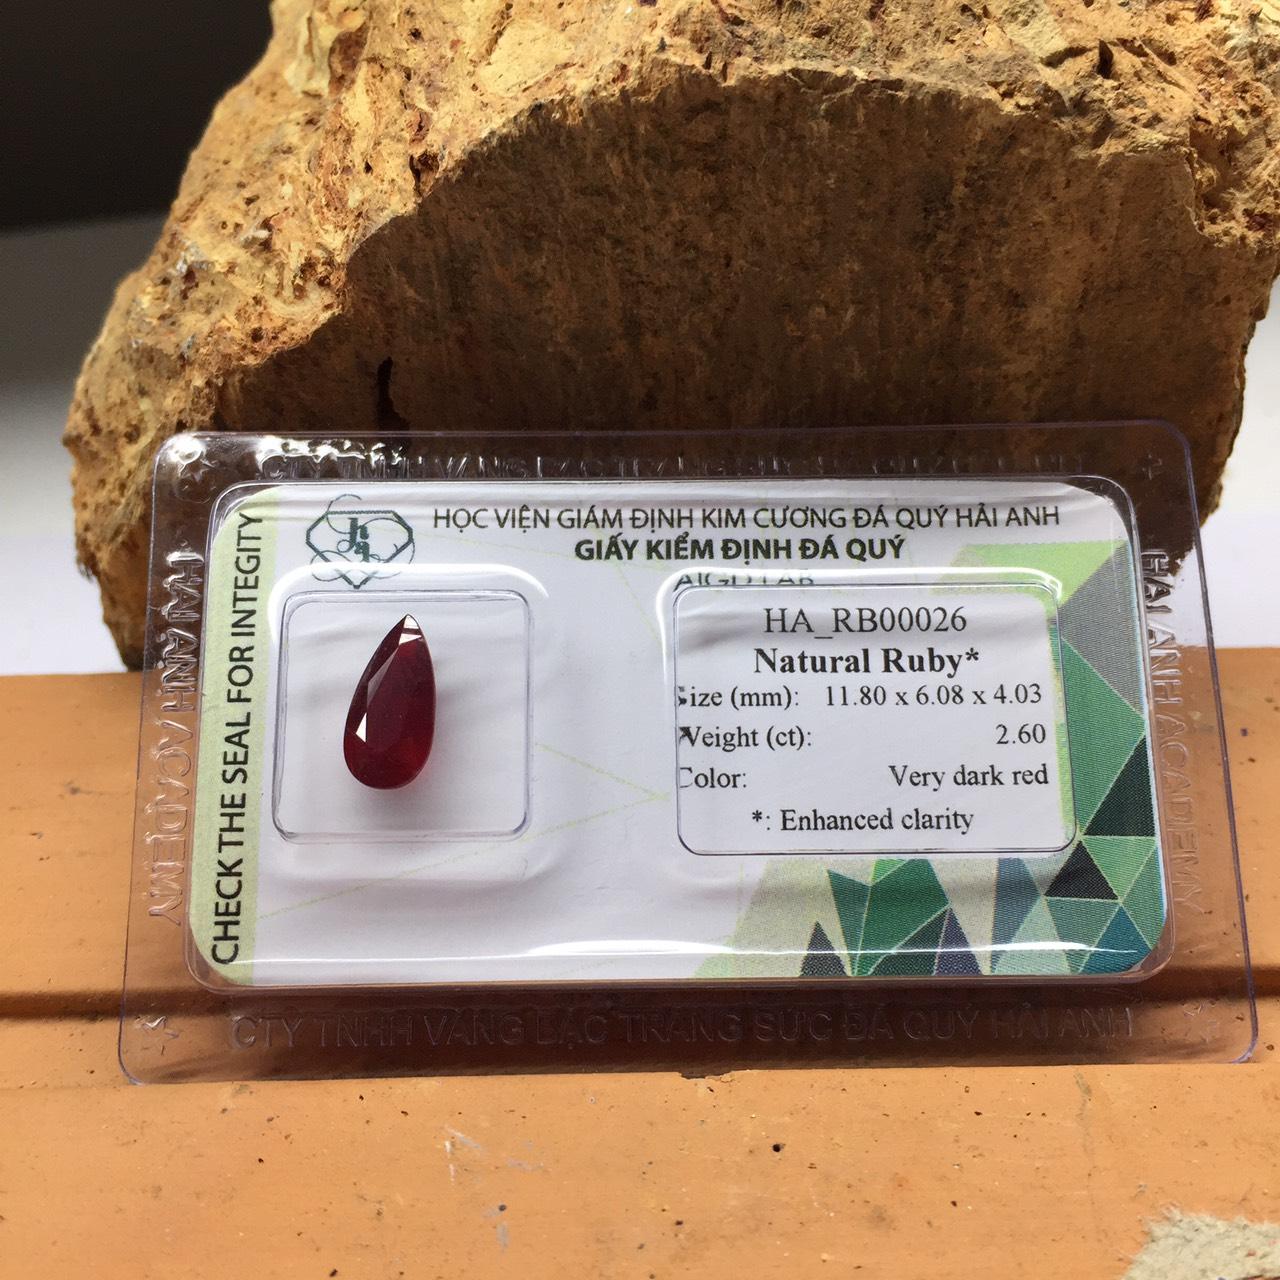 Viên đá Ruby thiên nhiên_HA-RB00026